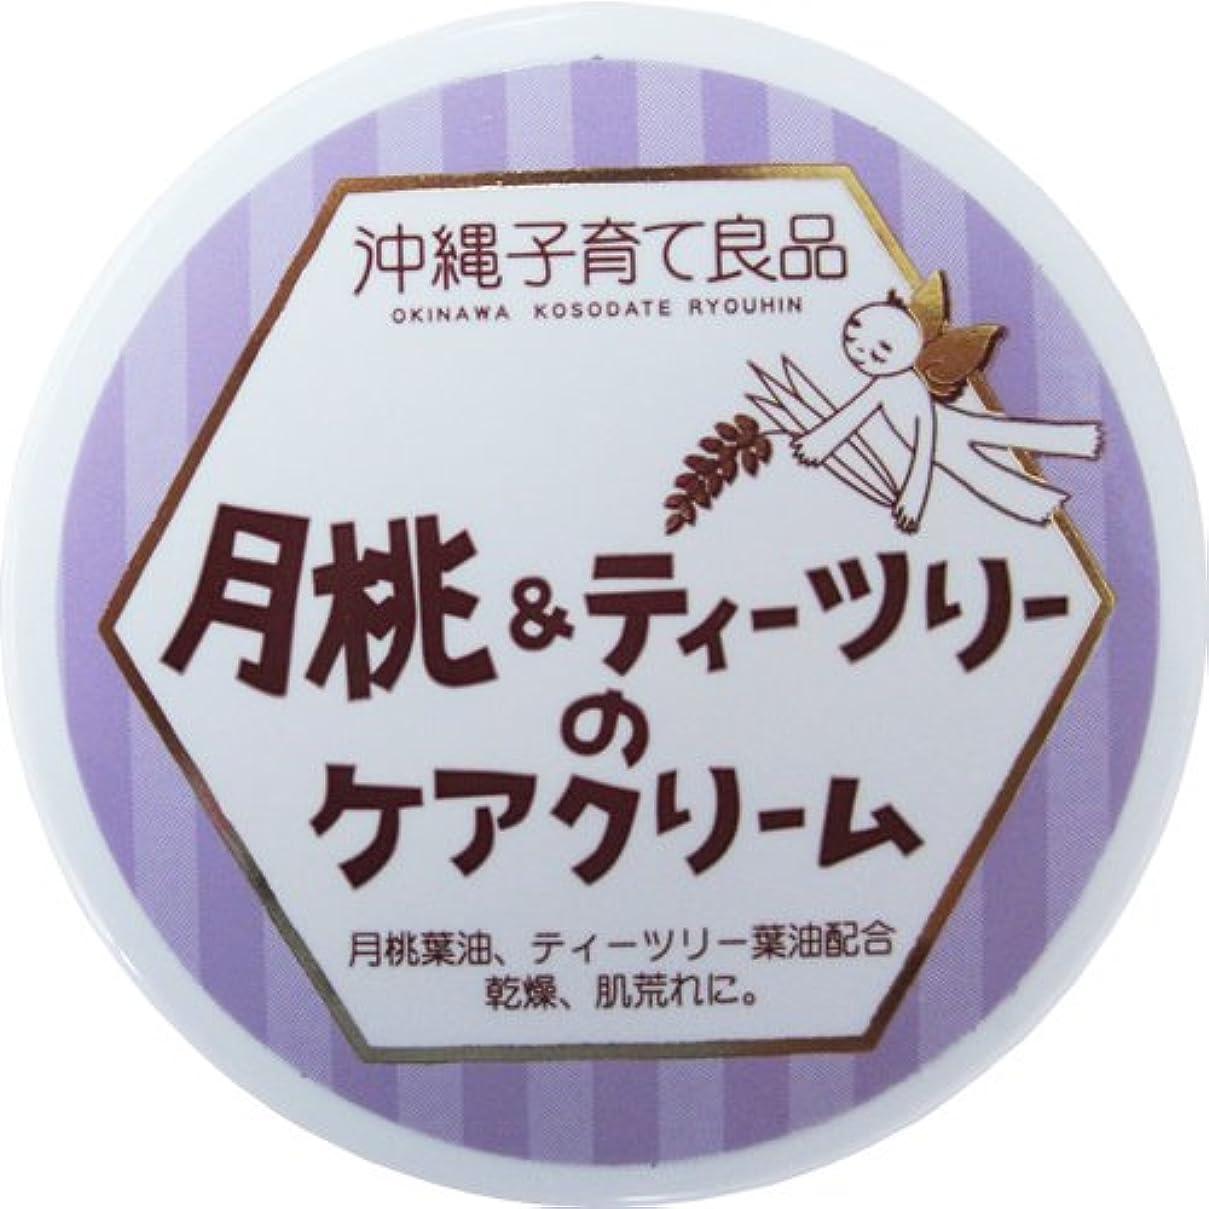 ログ歩き回るジャンク沖縄子育て良品 月桃&ティツリーのケアクリーム (25g)